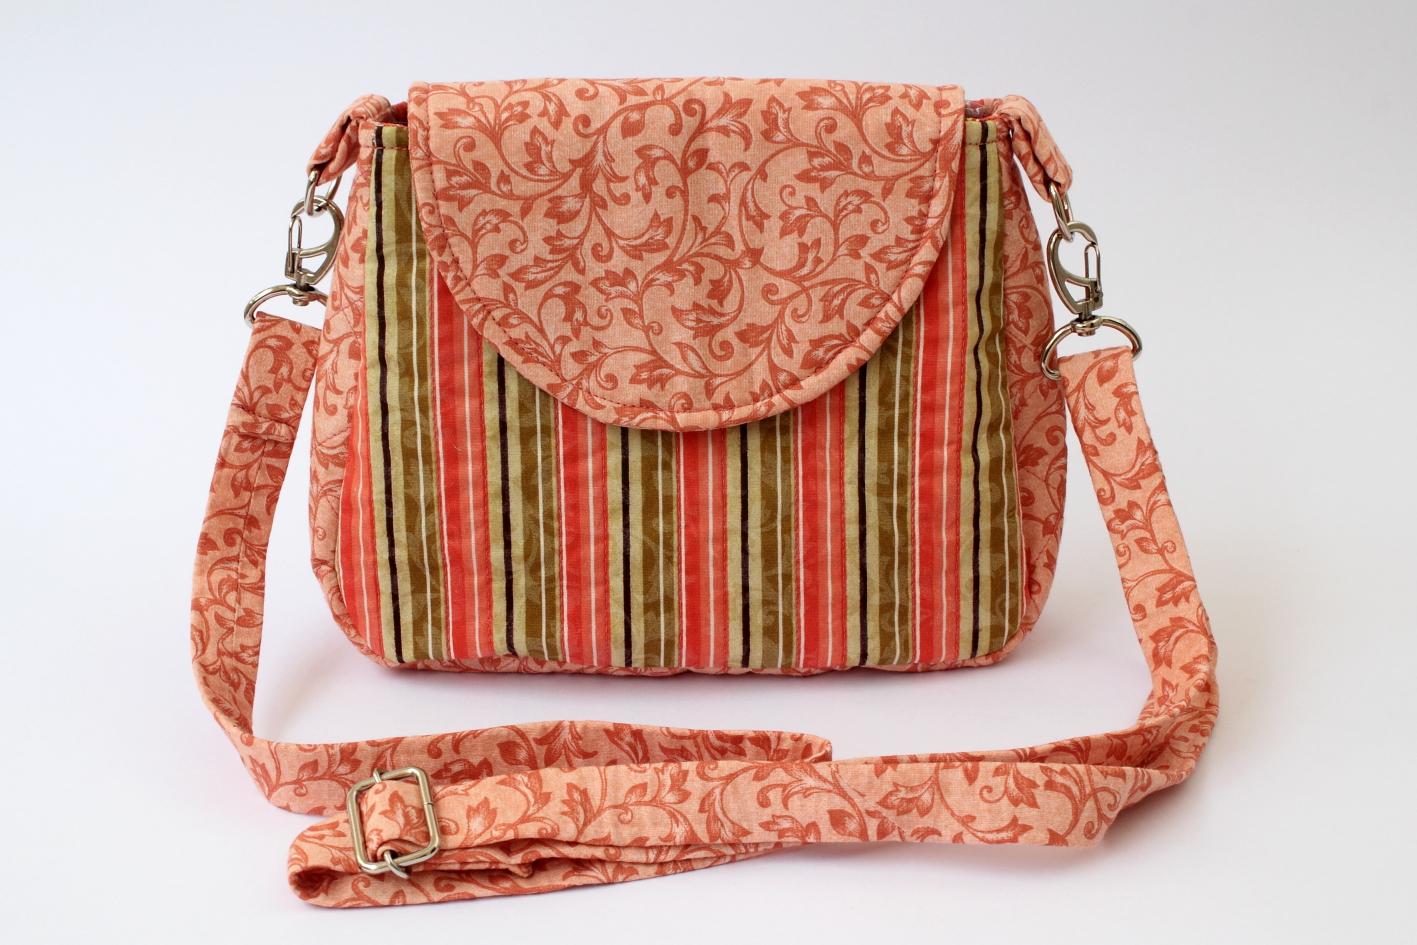 Bolsa De Tecido Tiracolo Passo A Passo : Bolsa tiracolo de patchwork ateli? arroio elo